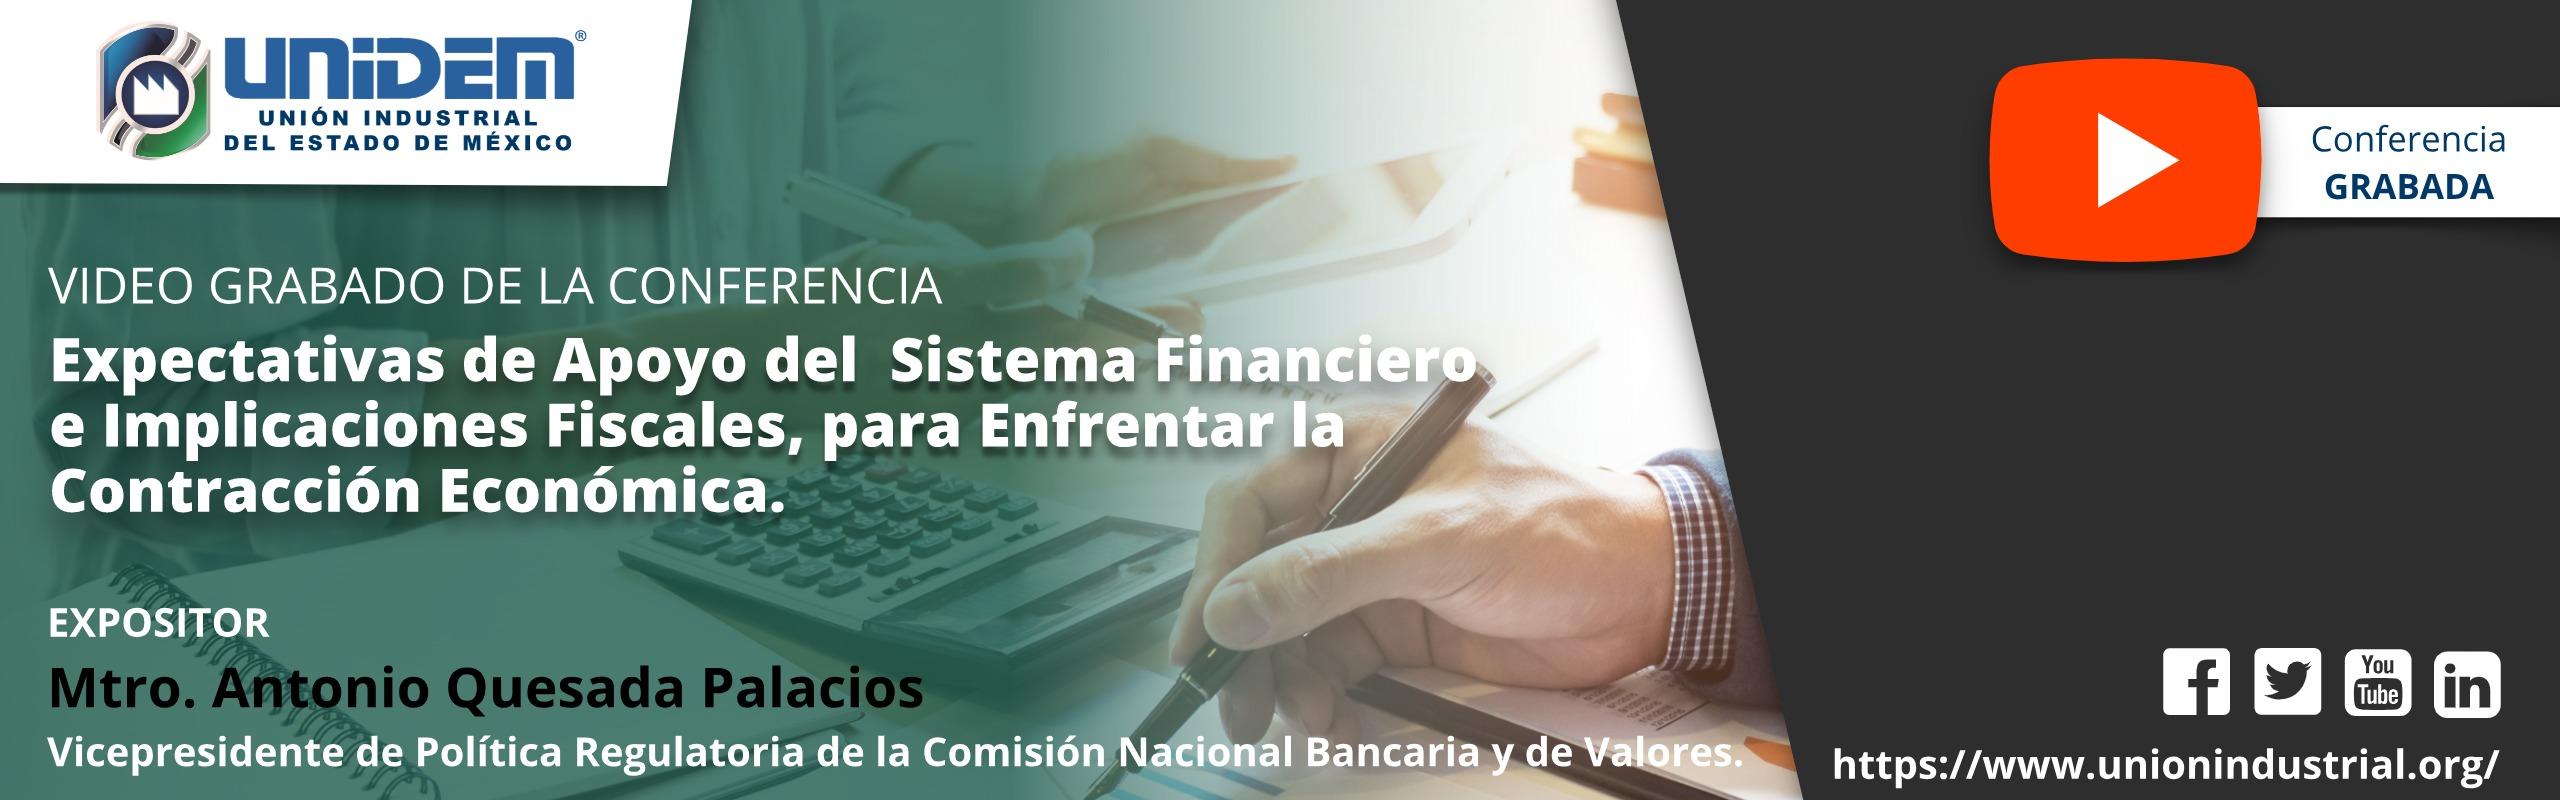 2020 05 27 - 2020 05 27 - Expectativas de Apoyo del Sistema Financiero YouTube Barra